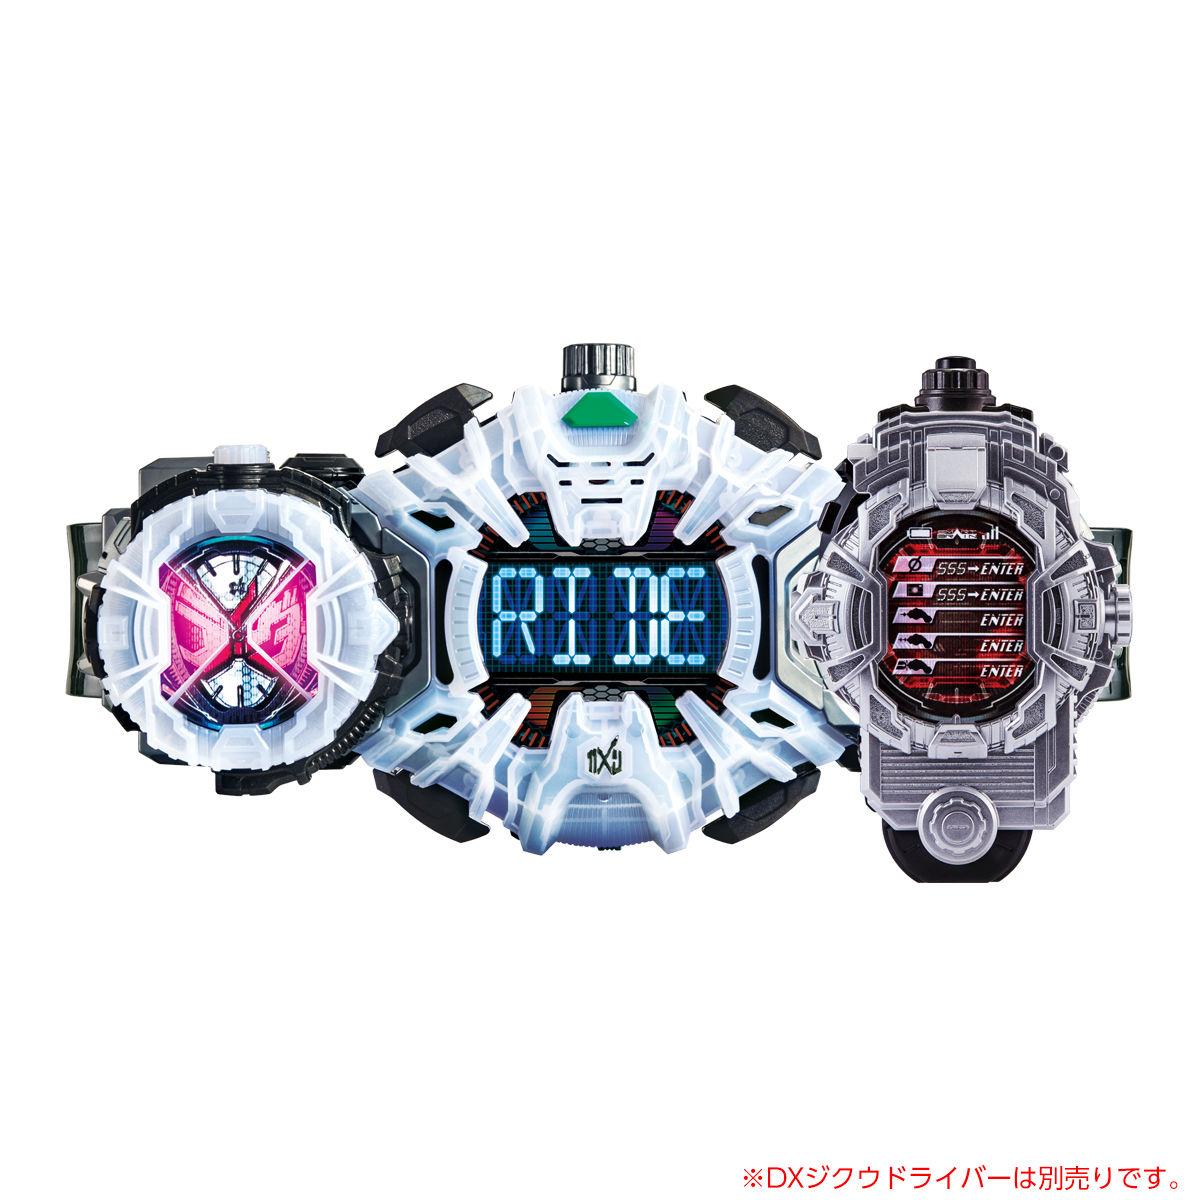 ライドガジェットシリーズ『DXファイズフォンX(テン)』仮面ライダージオウ  変身なりきり-006